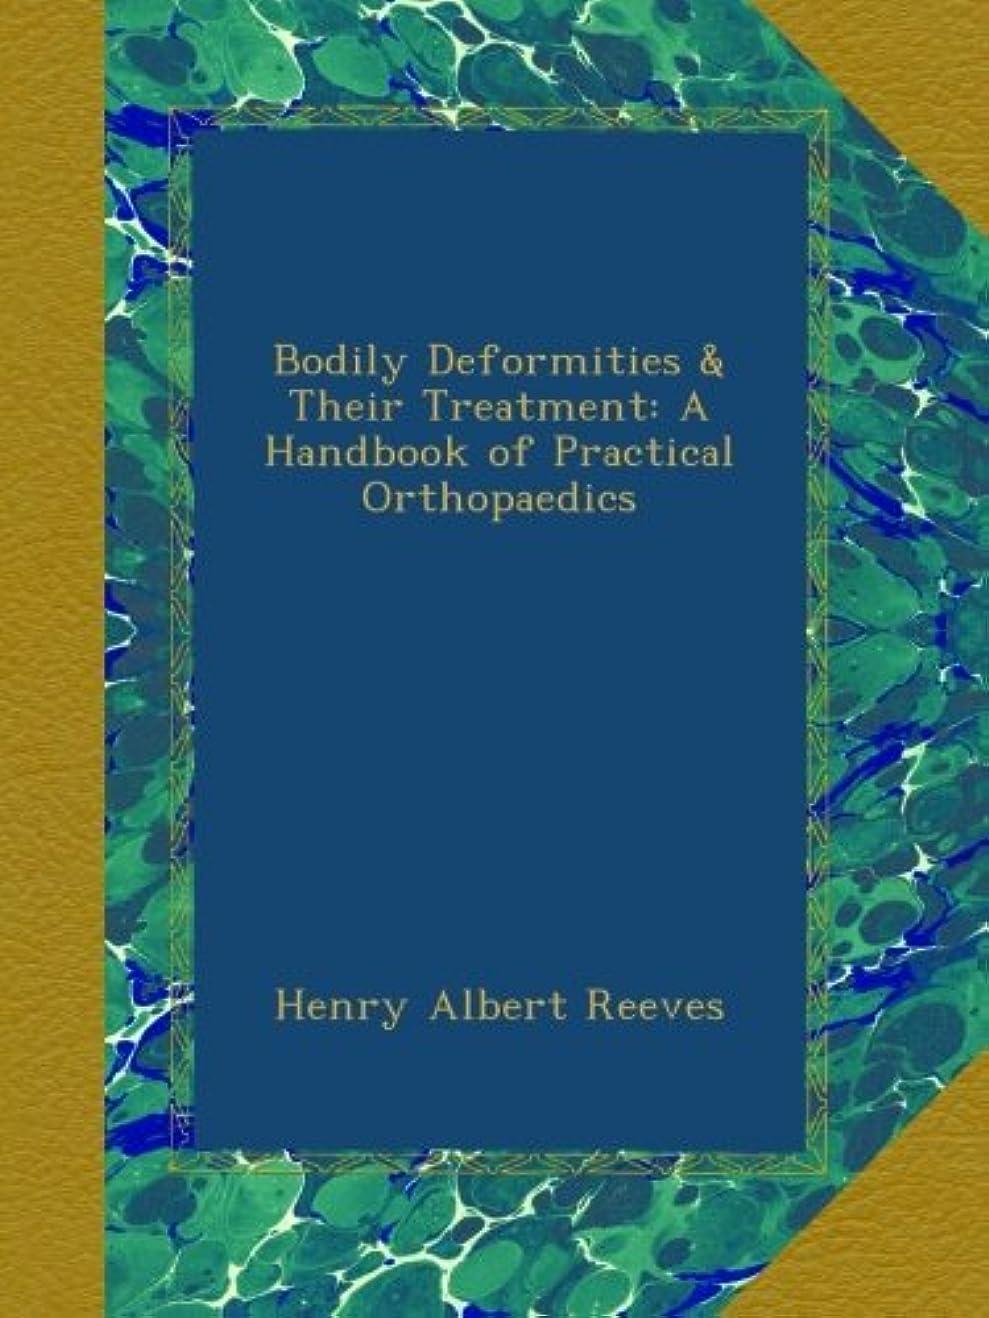 取り除く指書道Bodily Deformities & Their Treatment: A Handbook of Practical Orthopaedics